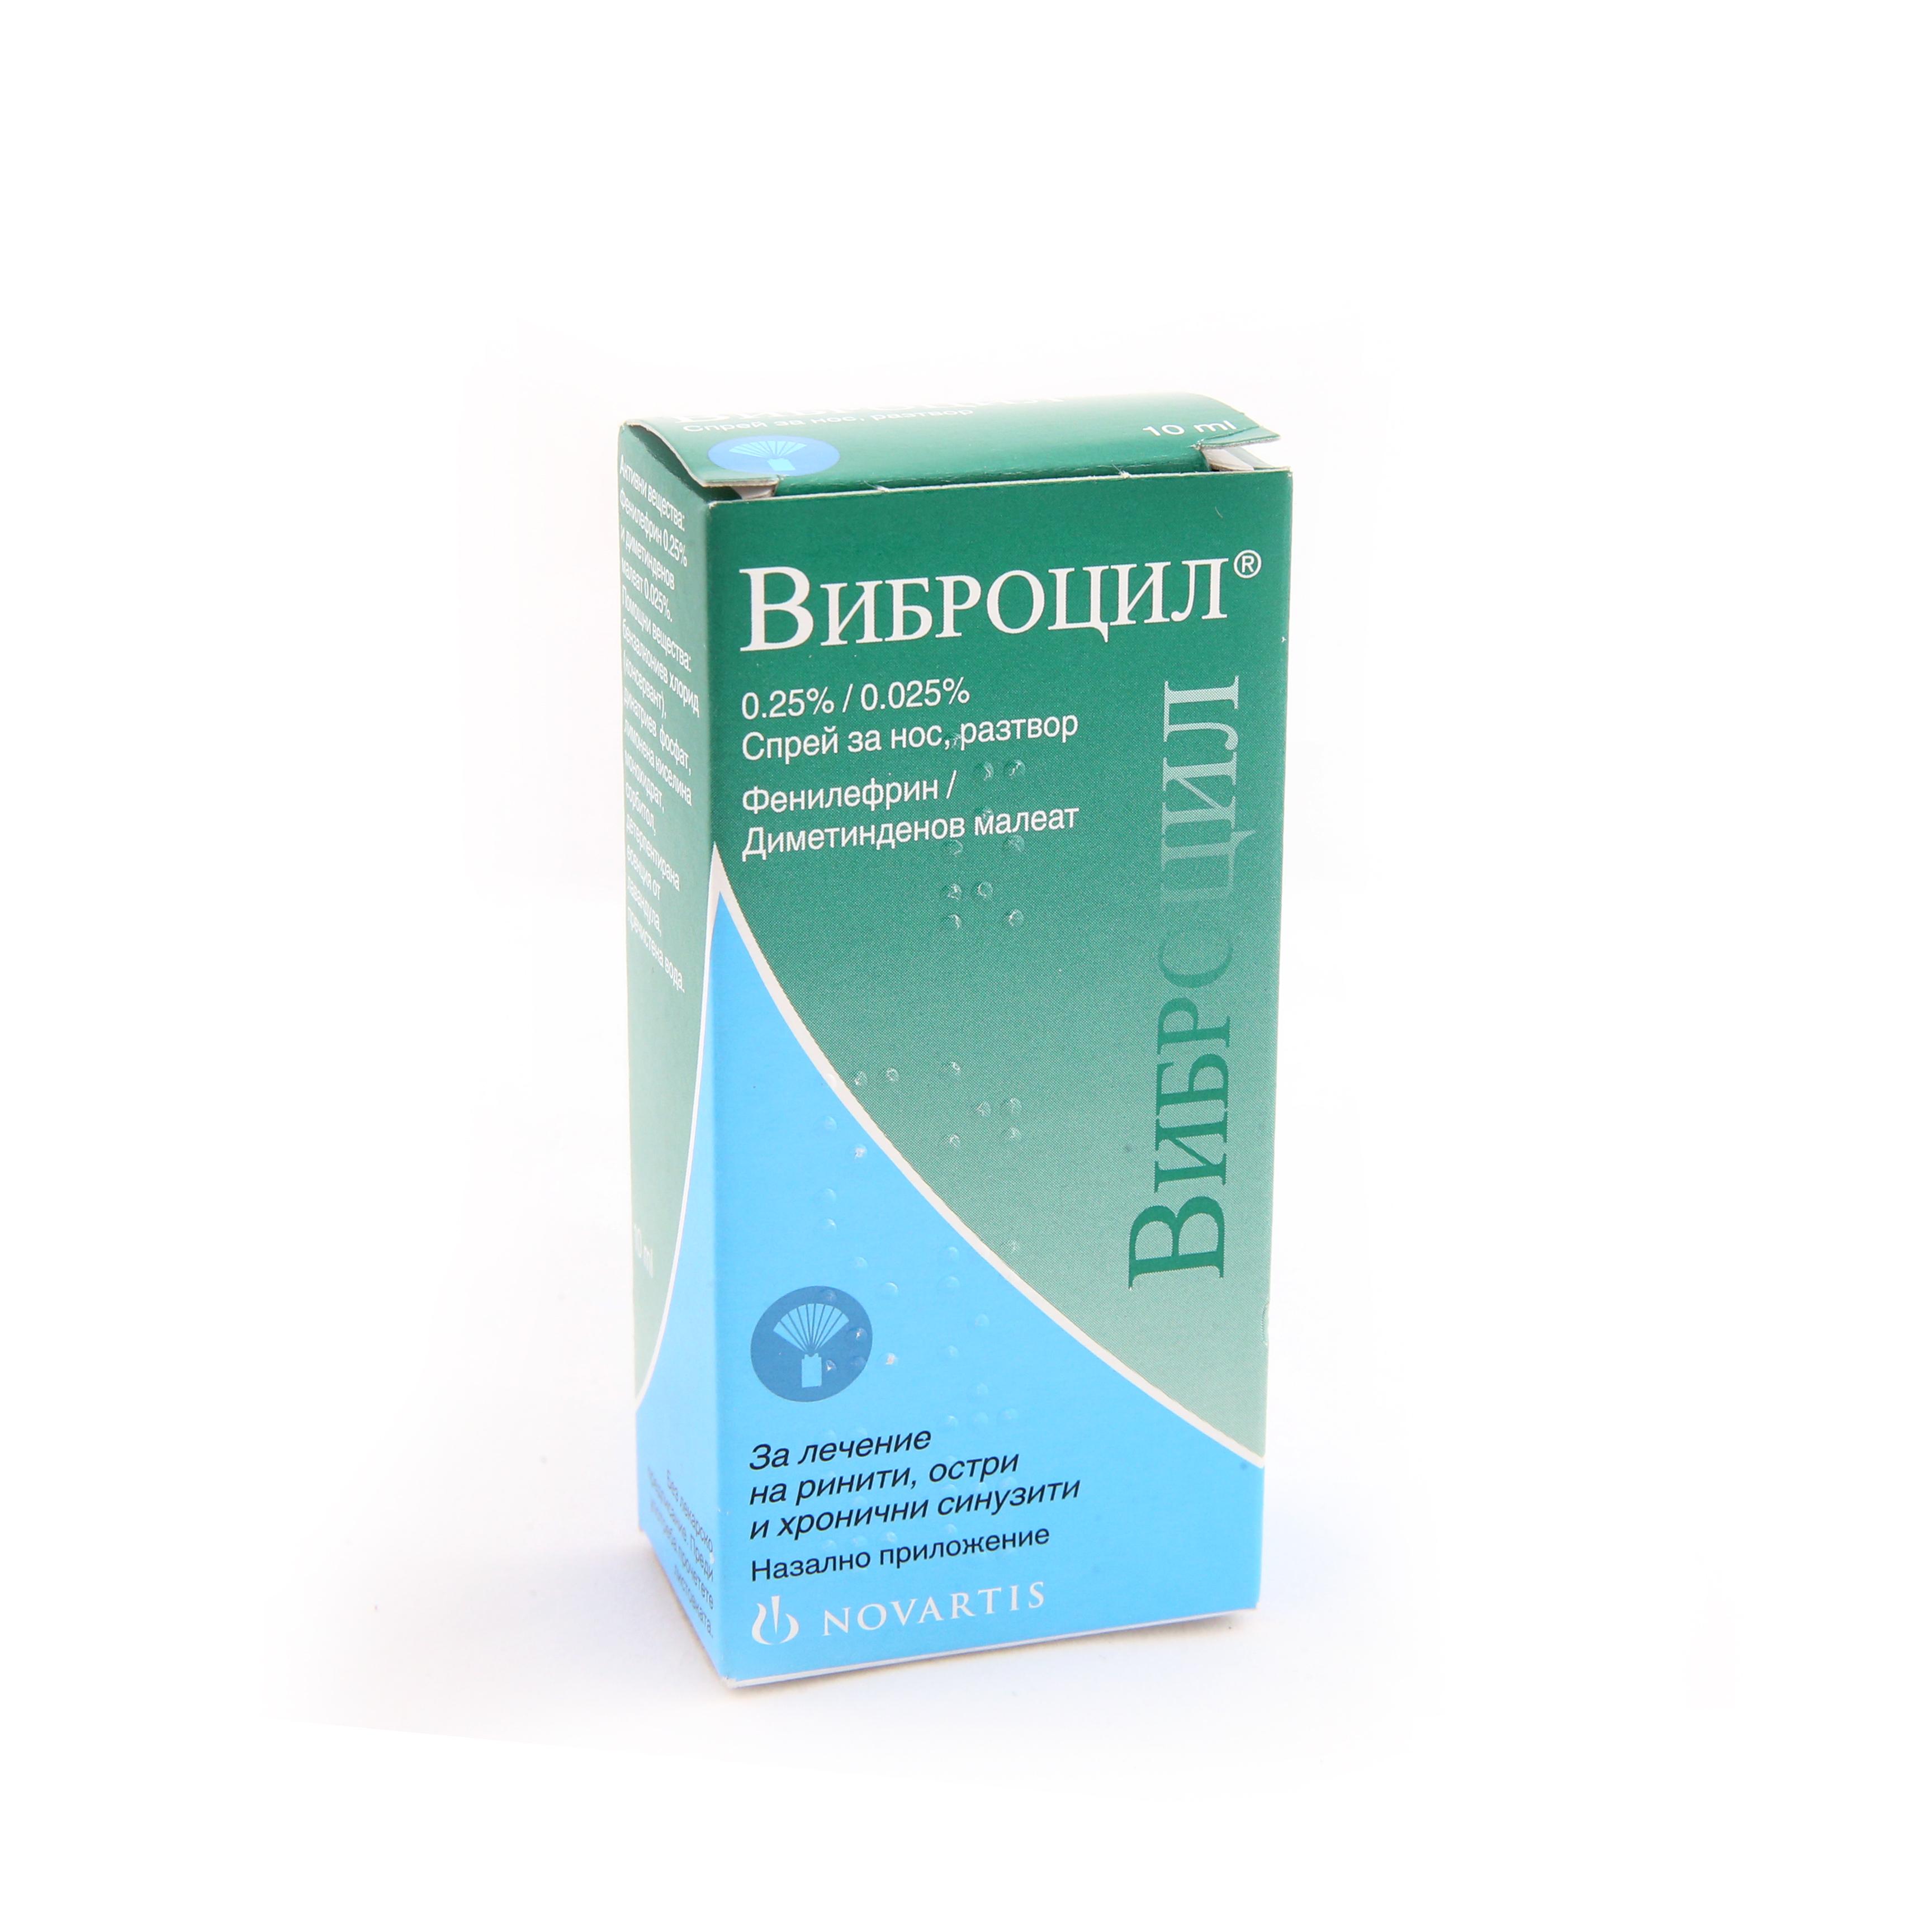 Какво представлява Виброцил и за какво се използва?   ВИБРОЦИЛ спрей за нос /VIBROCIL nasal spray на фармацевтичната компания Новартис се прилага при хрема от носа и за облекчаване на симптомите на запушения нос, предизвикани от широк кръг инфекциозни или алергични нарушения на горните дихателни пътища. Също така спреят за нос Виброцил  съдържа антихистамин и назален деконгестант. Той подпомага освобождаването на носните проходи, облекчавайки хремата и отока. Виброцил не променя активността на носните цилии. Виброцил се използва за облекчаване на конгестията в случай на простуда, остър и хроничен ринит, сенна хрема или друг алергичен ринит (алергия към домашен прах, животинска козина и др.), вазомоторни ринити и синуити. Виброцил се употребява като допълнителна терапия при лечение на възпаление на ушите.Виброцил може да ви бъде предписан от лекар за пре- и постоперативни грижи при хирургични интервенции на носа.Виброцил съдържа като активни съставки назален деконгестант (фенилефрин) и антихистамин (диметинден малеат). Виброцил спрей съдържа 0.25% фенилефрин и 0.025% диметинден малеат като активни съставки. Състои се също от бензалкониев хлорид (консервант), натриев фосфат, лимонена киселина, сорбитол, детерпентирана есенция от лавандула, пречистена вода.  Какво трябва да проверите, преди да използвате Виброцил?  Прочетете следната информация, преди да употребявате Виброцил.  Не използвайте Виброцил:  - ако сте алергичен към някоя от съставките;  - ако страдате от атрофичен ринит (заболяване на носната лигавица с хронично възпаление и образуване на крусти);  - ако вземате или сте вземали през последните 2 седмици лекарство по лекарско предписание, съдържащо моноаминооксидазен инхибитор (МАО инхибитори, които се използват за лечение на депресия и други психични заболявания). Консултирайте се с вашия лекар или фармацевт, преди да използвате Виброцил, ако не сте сигурни дали лекарството ви съдържа МАО инхибитор.   Какви предпазни мерки да вземете, преди да употребявате 